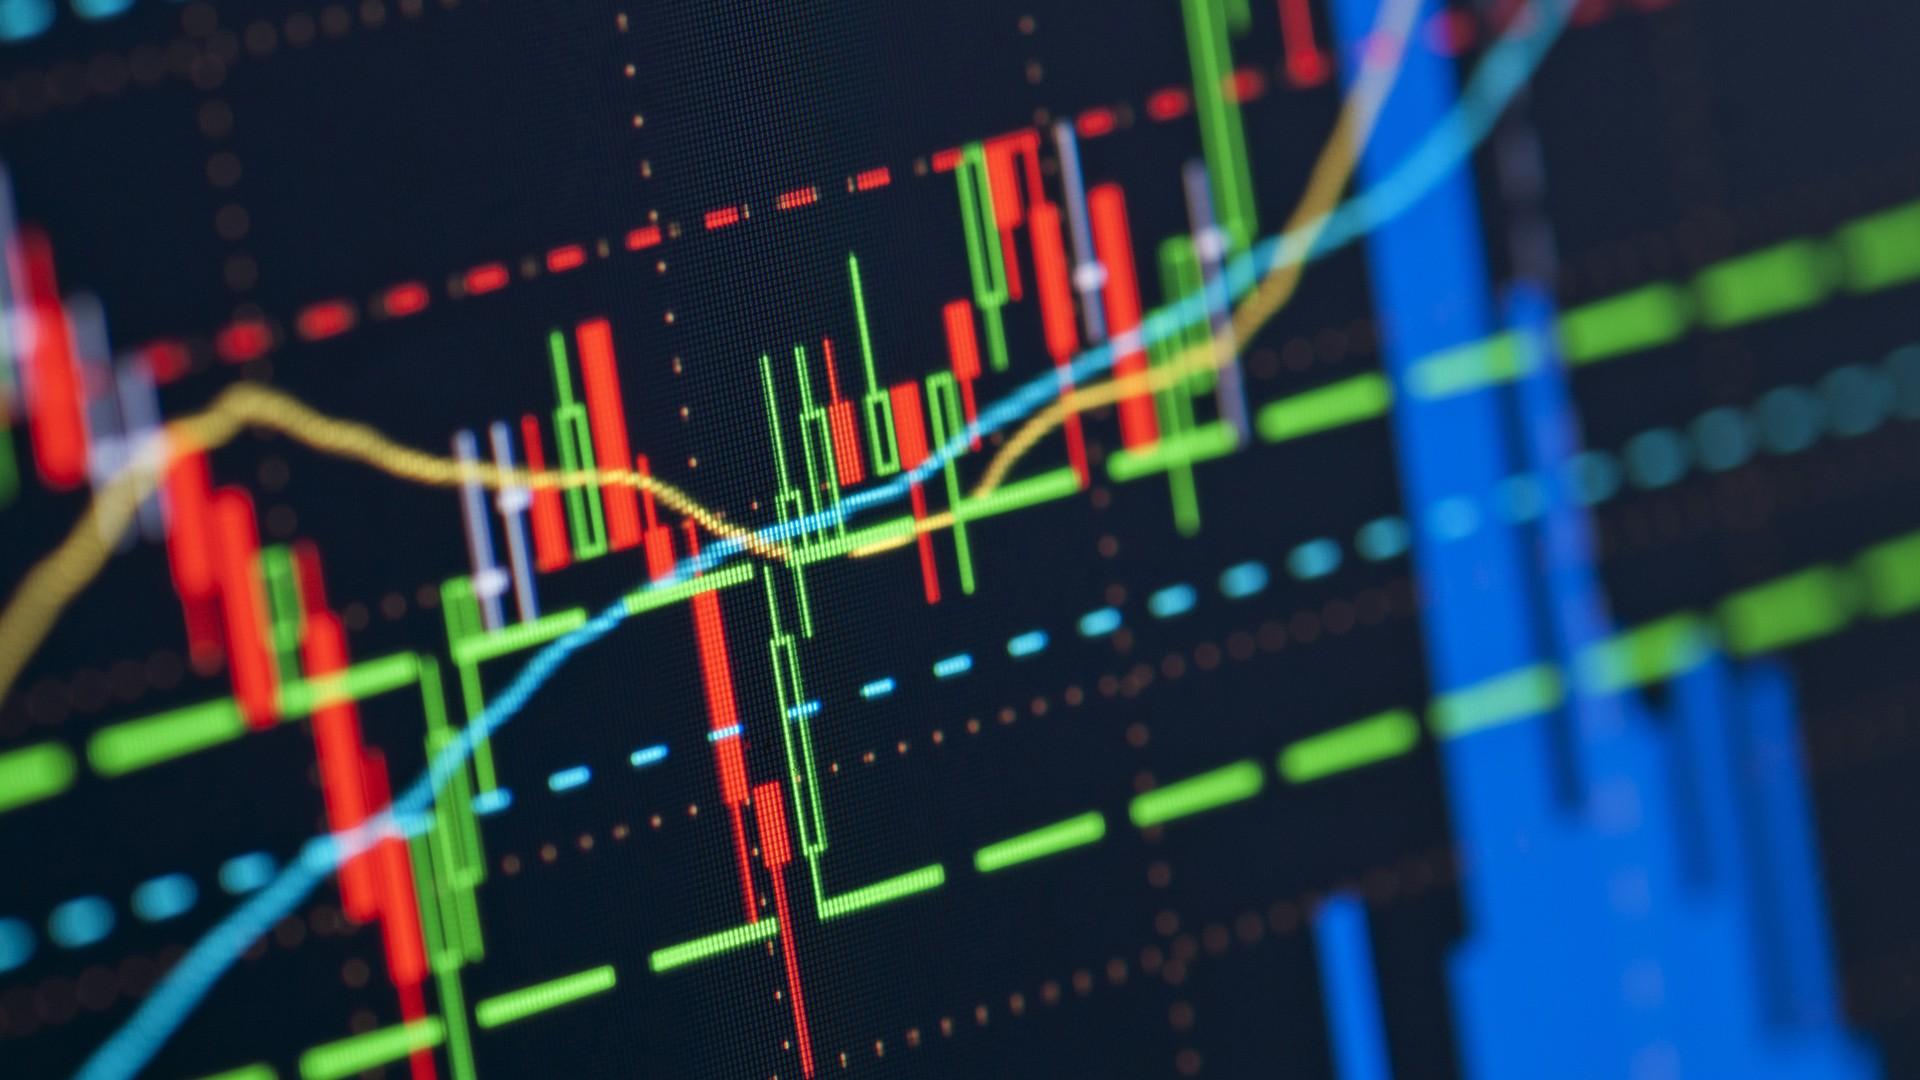 bitcoin btc fiyat analizi fiyat hedefleri ve onemli seviyeler neler